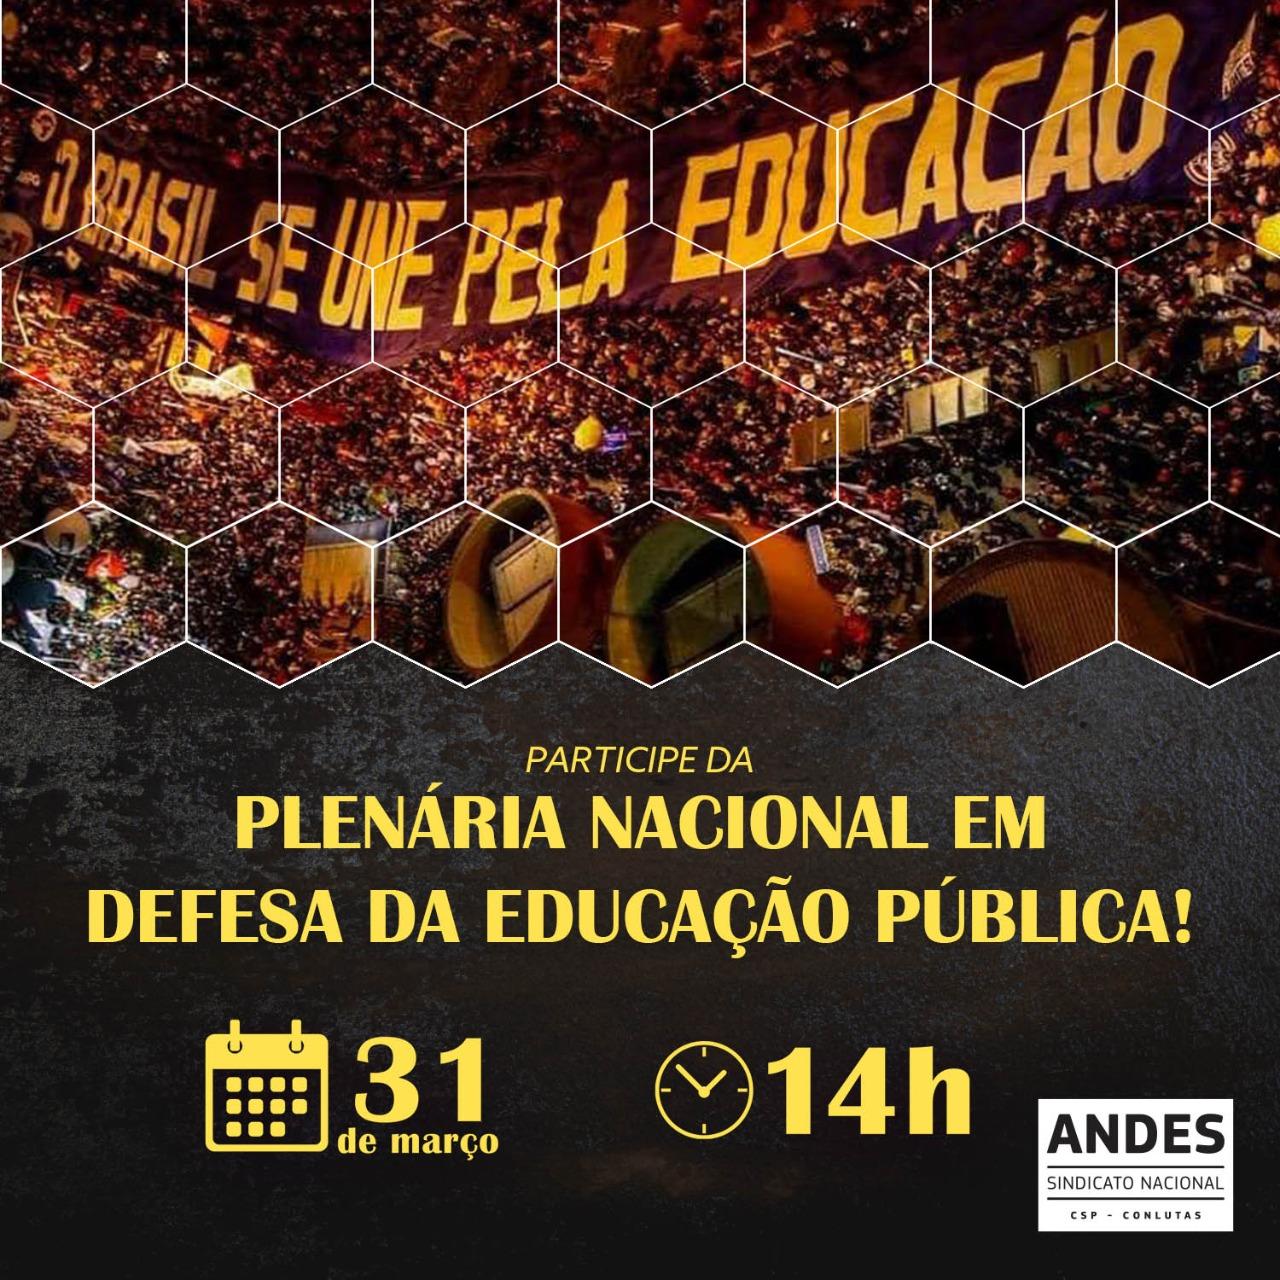 plenaria da educacao Anexo2-Circ099-21